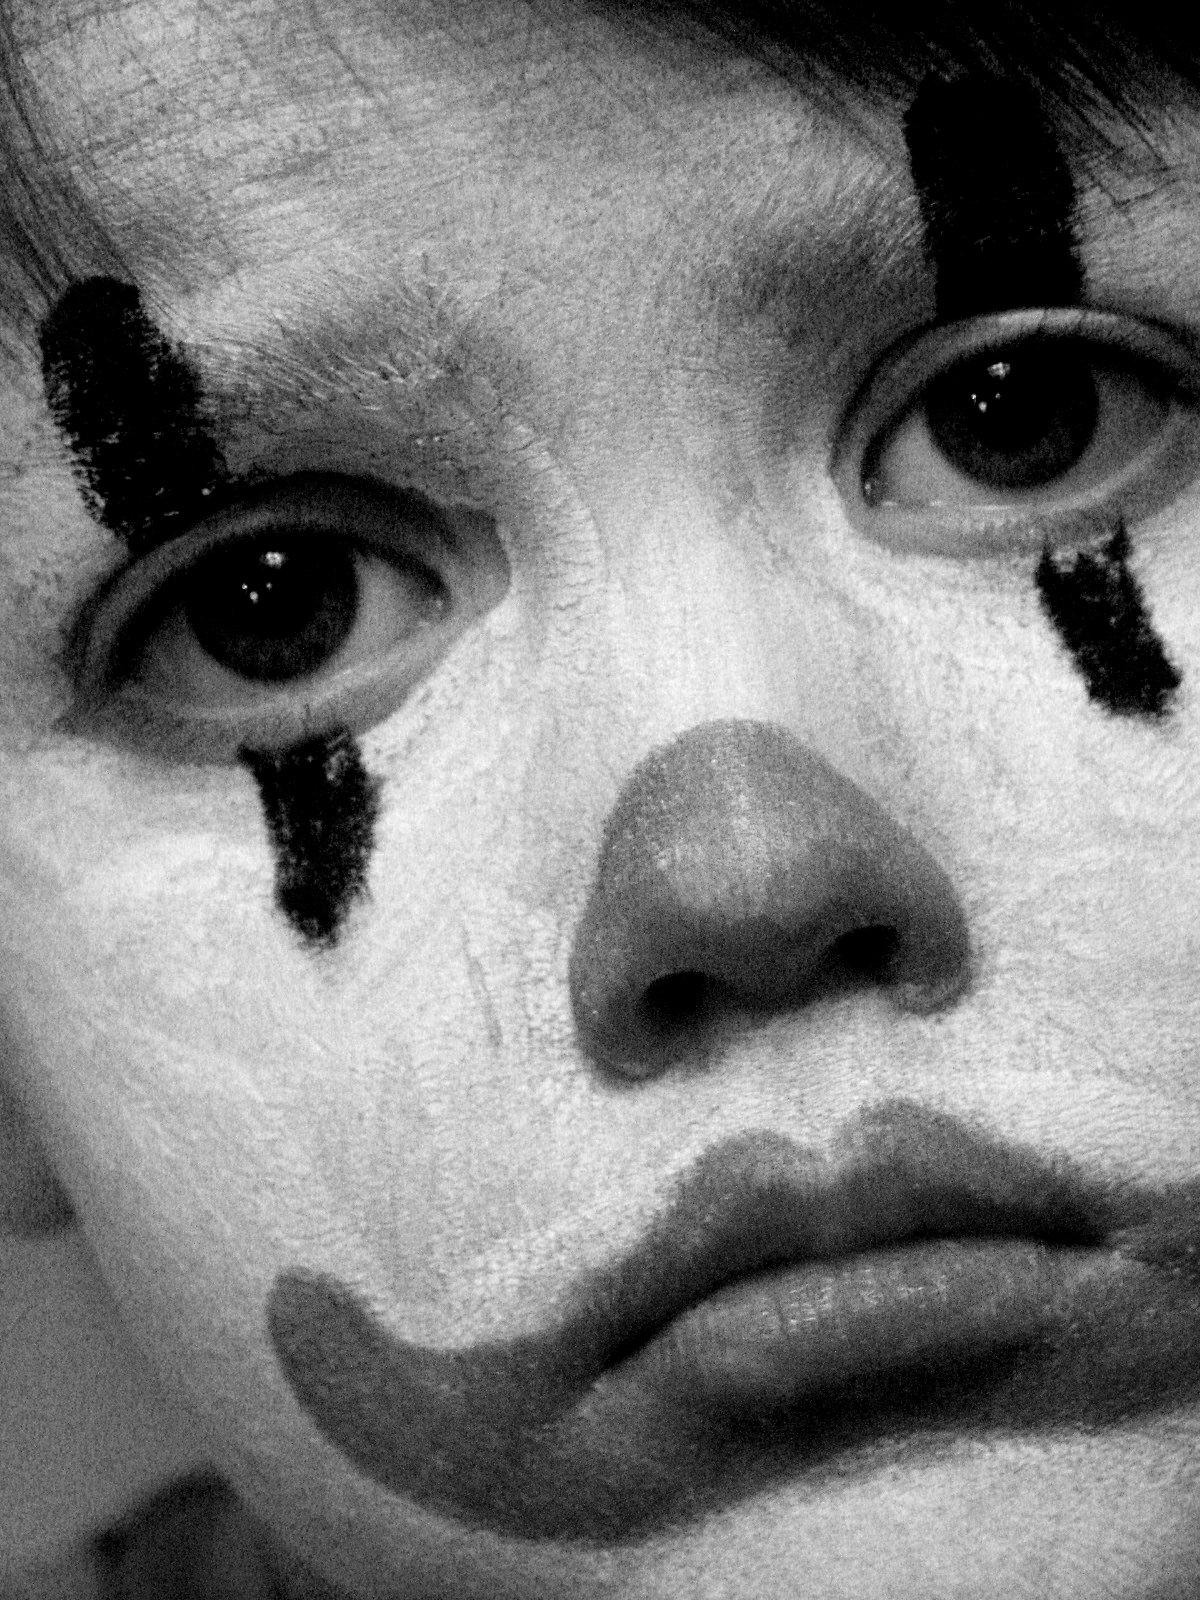 صورة صور حزن وعتاب , صور تعبر عن مافي داخلك من حزن وترسلها ايضا لمن تريد ان تعاتبه 1524 3